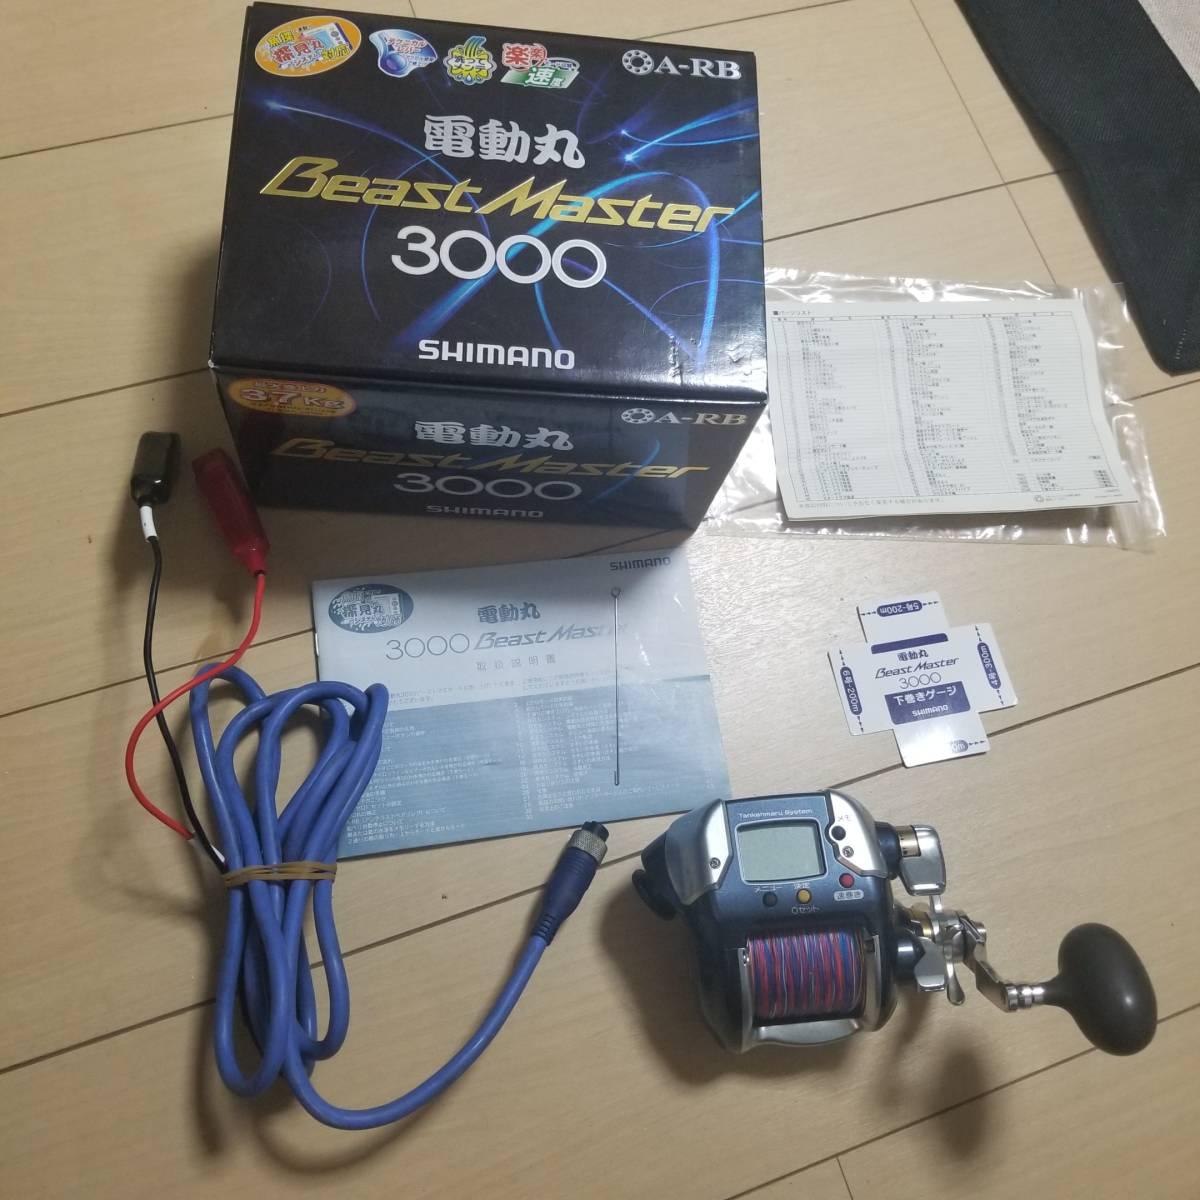 ★☆シマノ 電動丸 Beast Master ビーストマスター 3000☆★